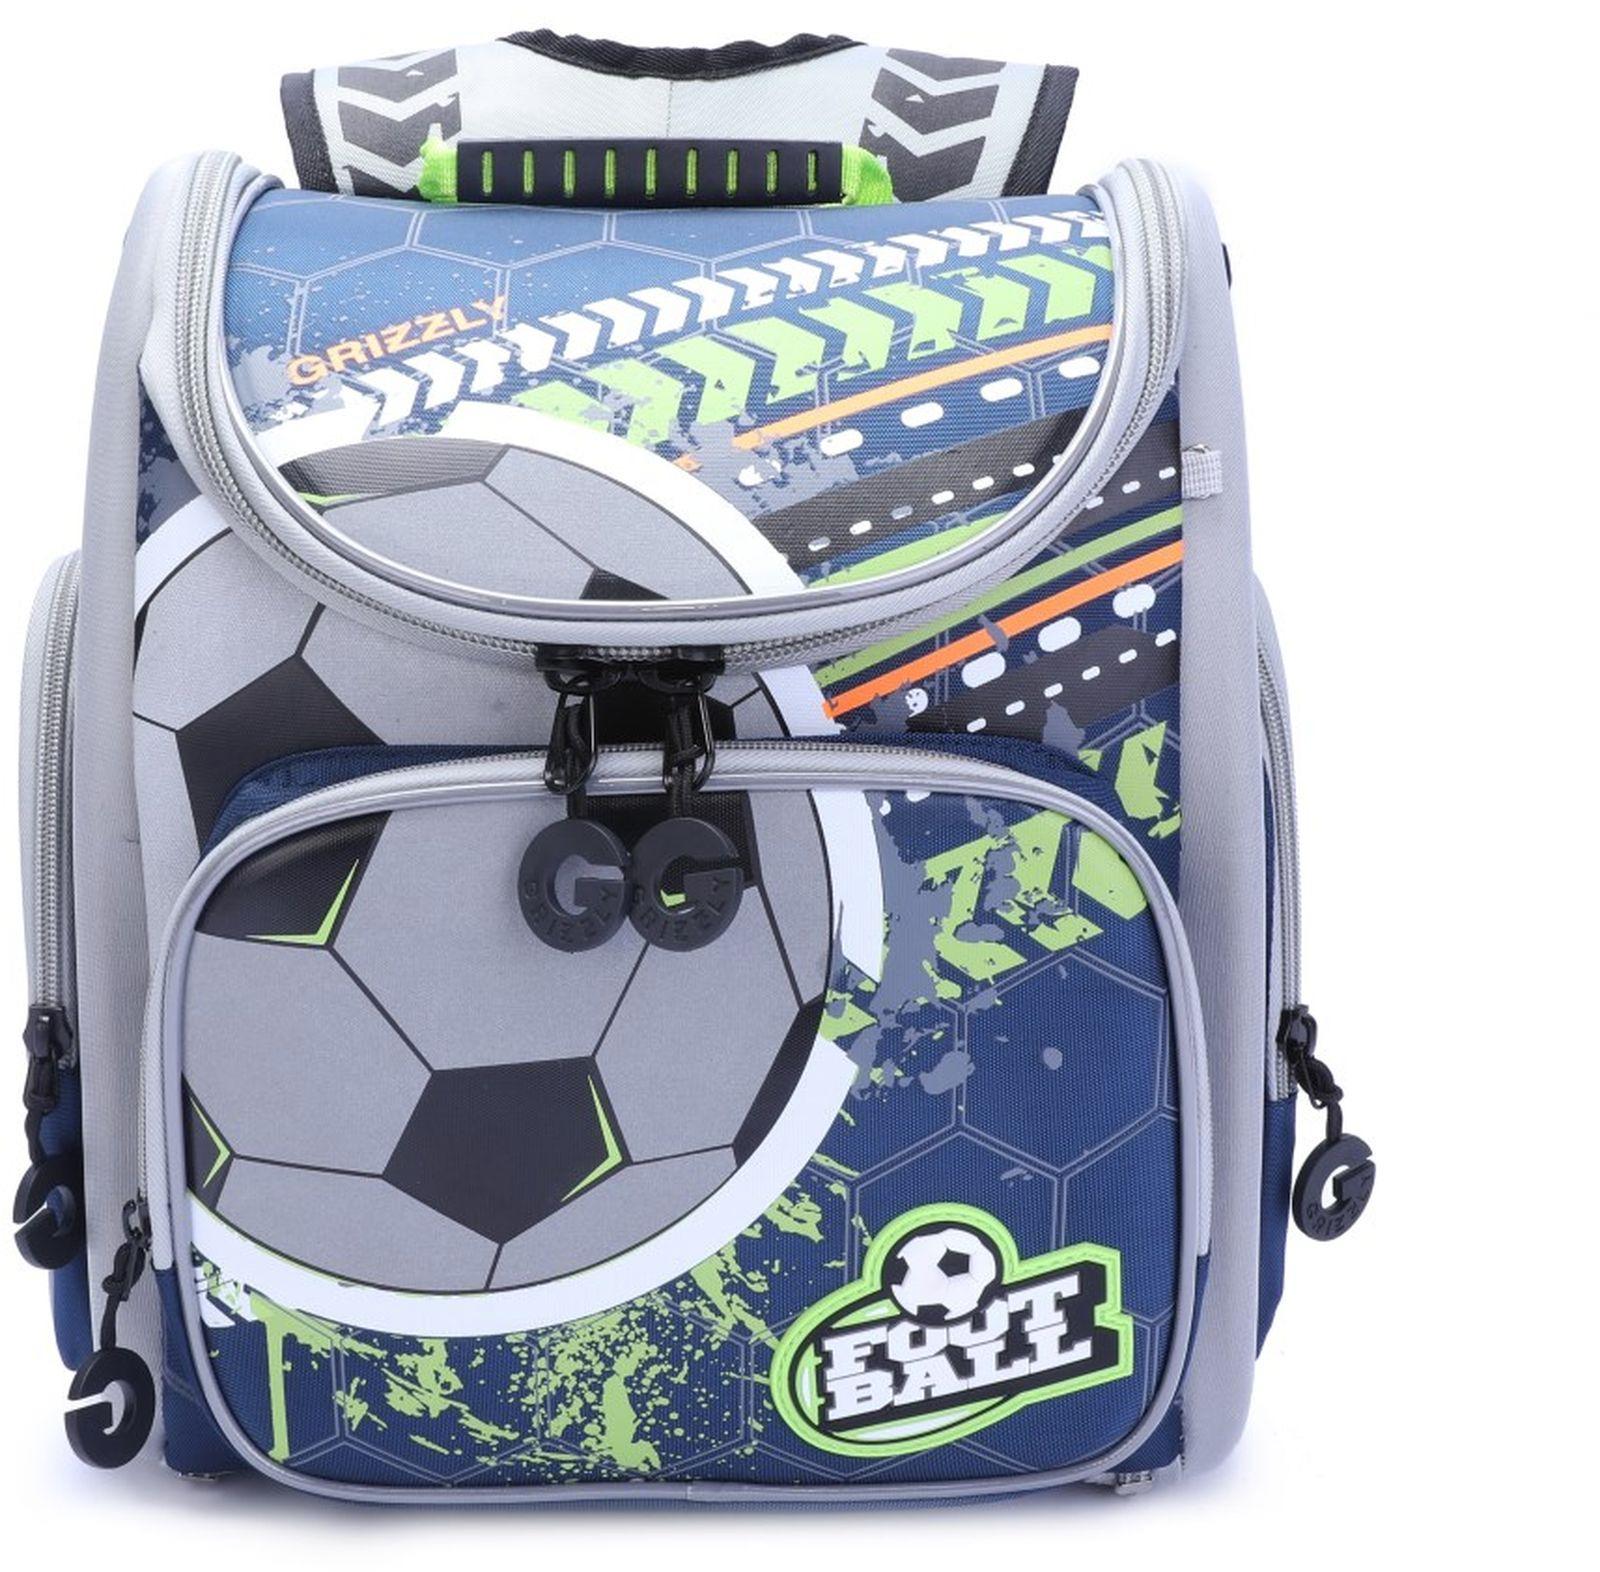 Рюкзак школьный Grizzly, RA-970-1/1, салатовый, черный